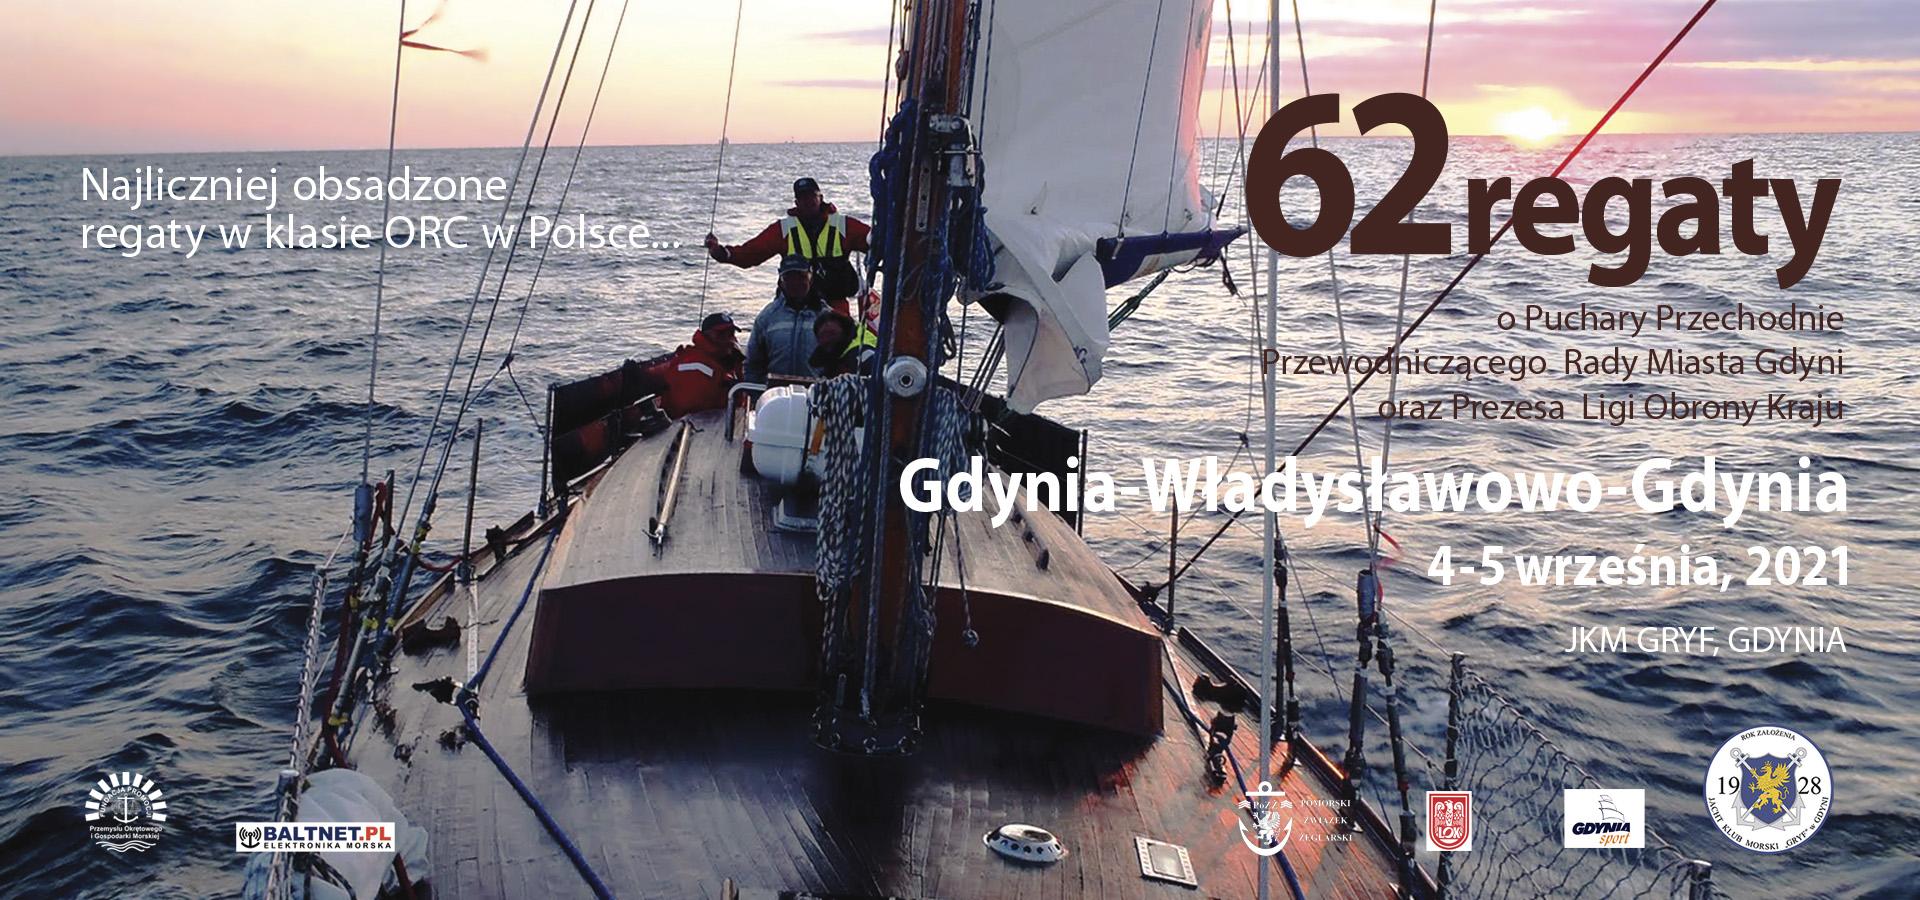 Gdynia-Władysławowo-Gdynia